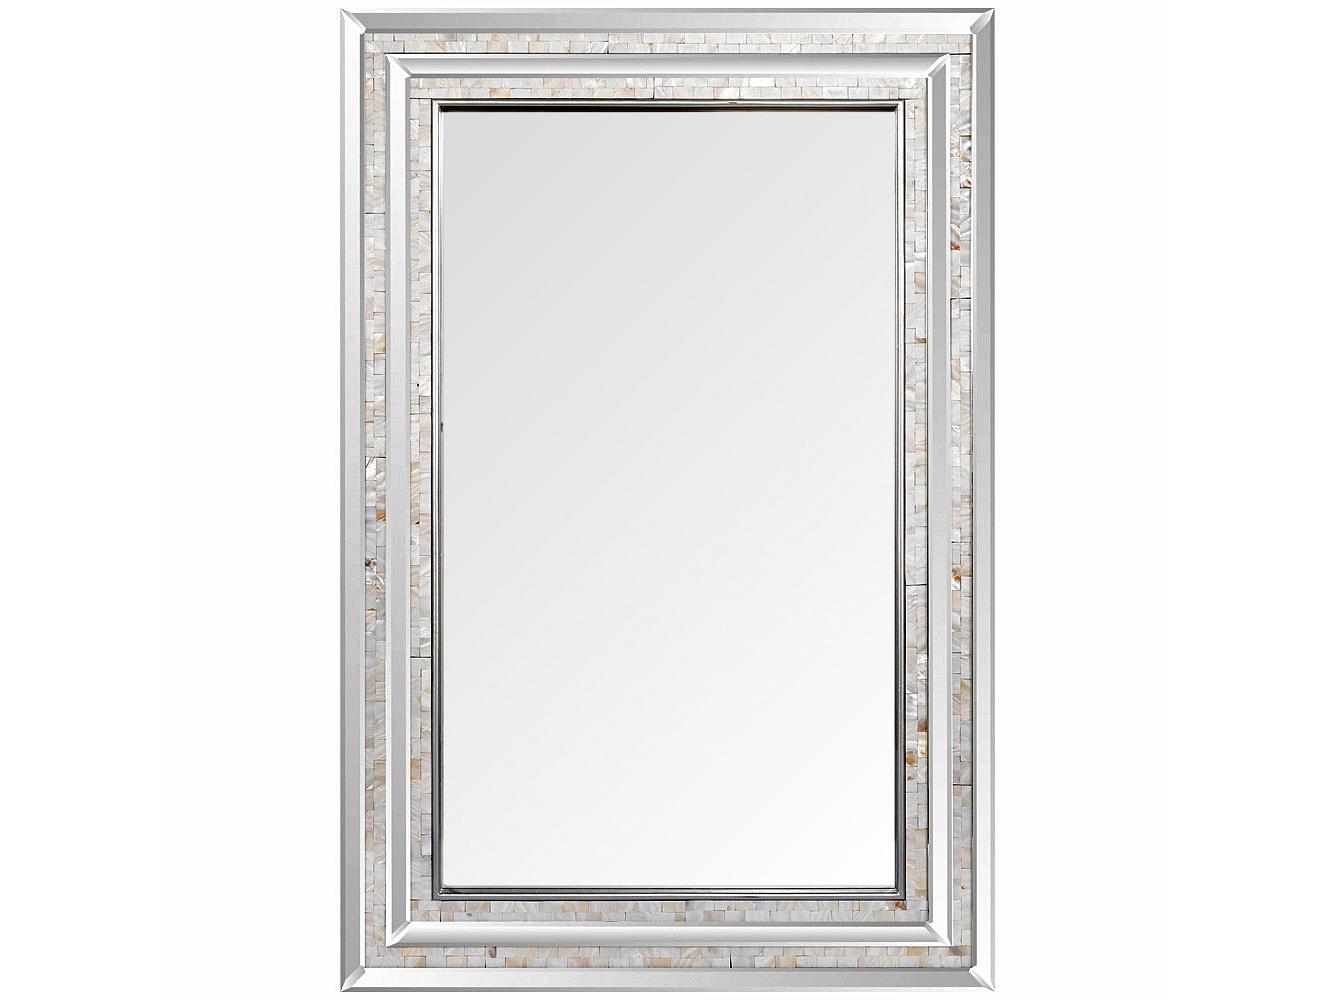 Настенное зеркалоНастенные зеркала<br>Две грани зеркала «Сандерс» покрыты зеркальным слоем, что придает отражению объемность и глубину. Следующие две грани покрыты природным перламутром из натурального верхнего слоя морских раковин. Этот метод престижен благодаря дизайнерскому великолепию и ручному производству. Фацетные грани, опоясавшие периметр зеркала и рамы, переливаются, подобно хрусталю. Основание рамы изготовлено из МДФ.<br><br>kit: None<br>gender: None